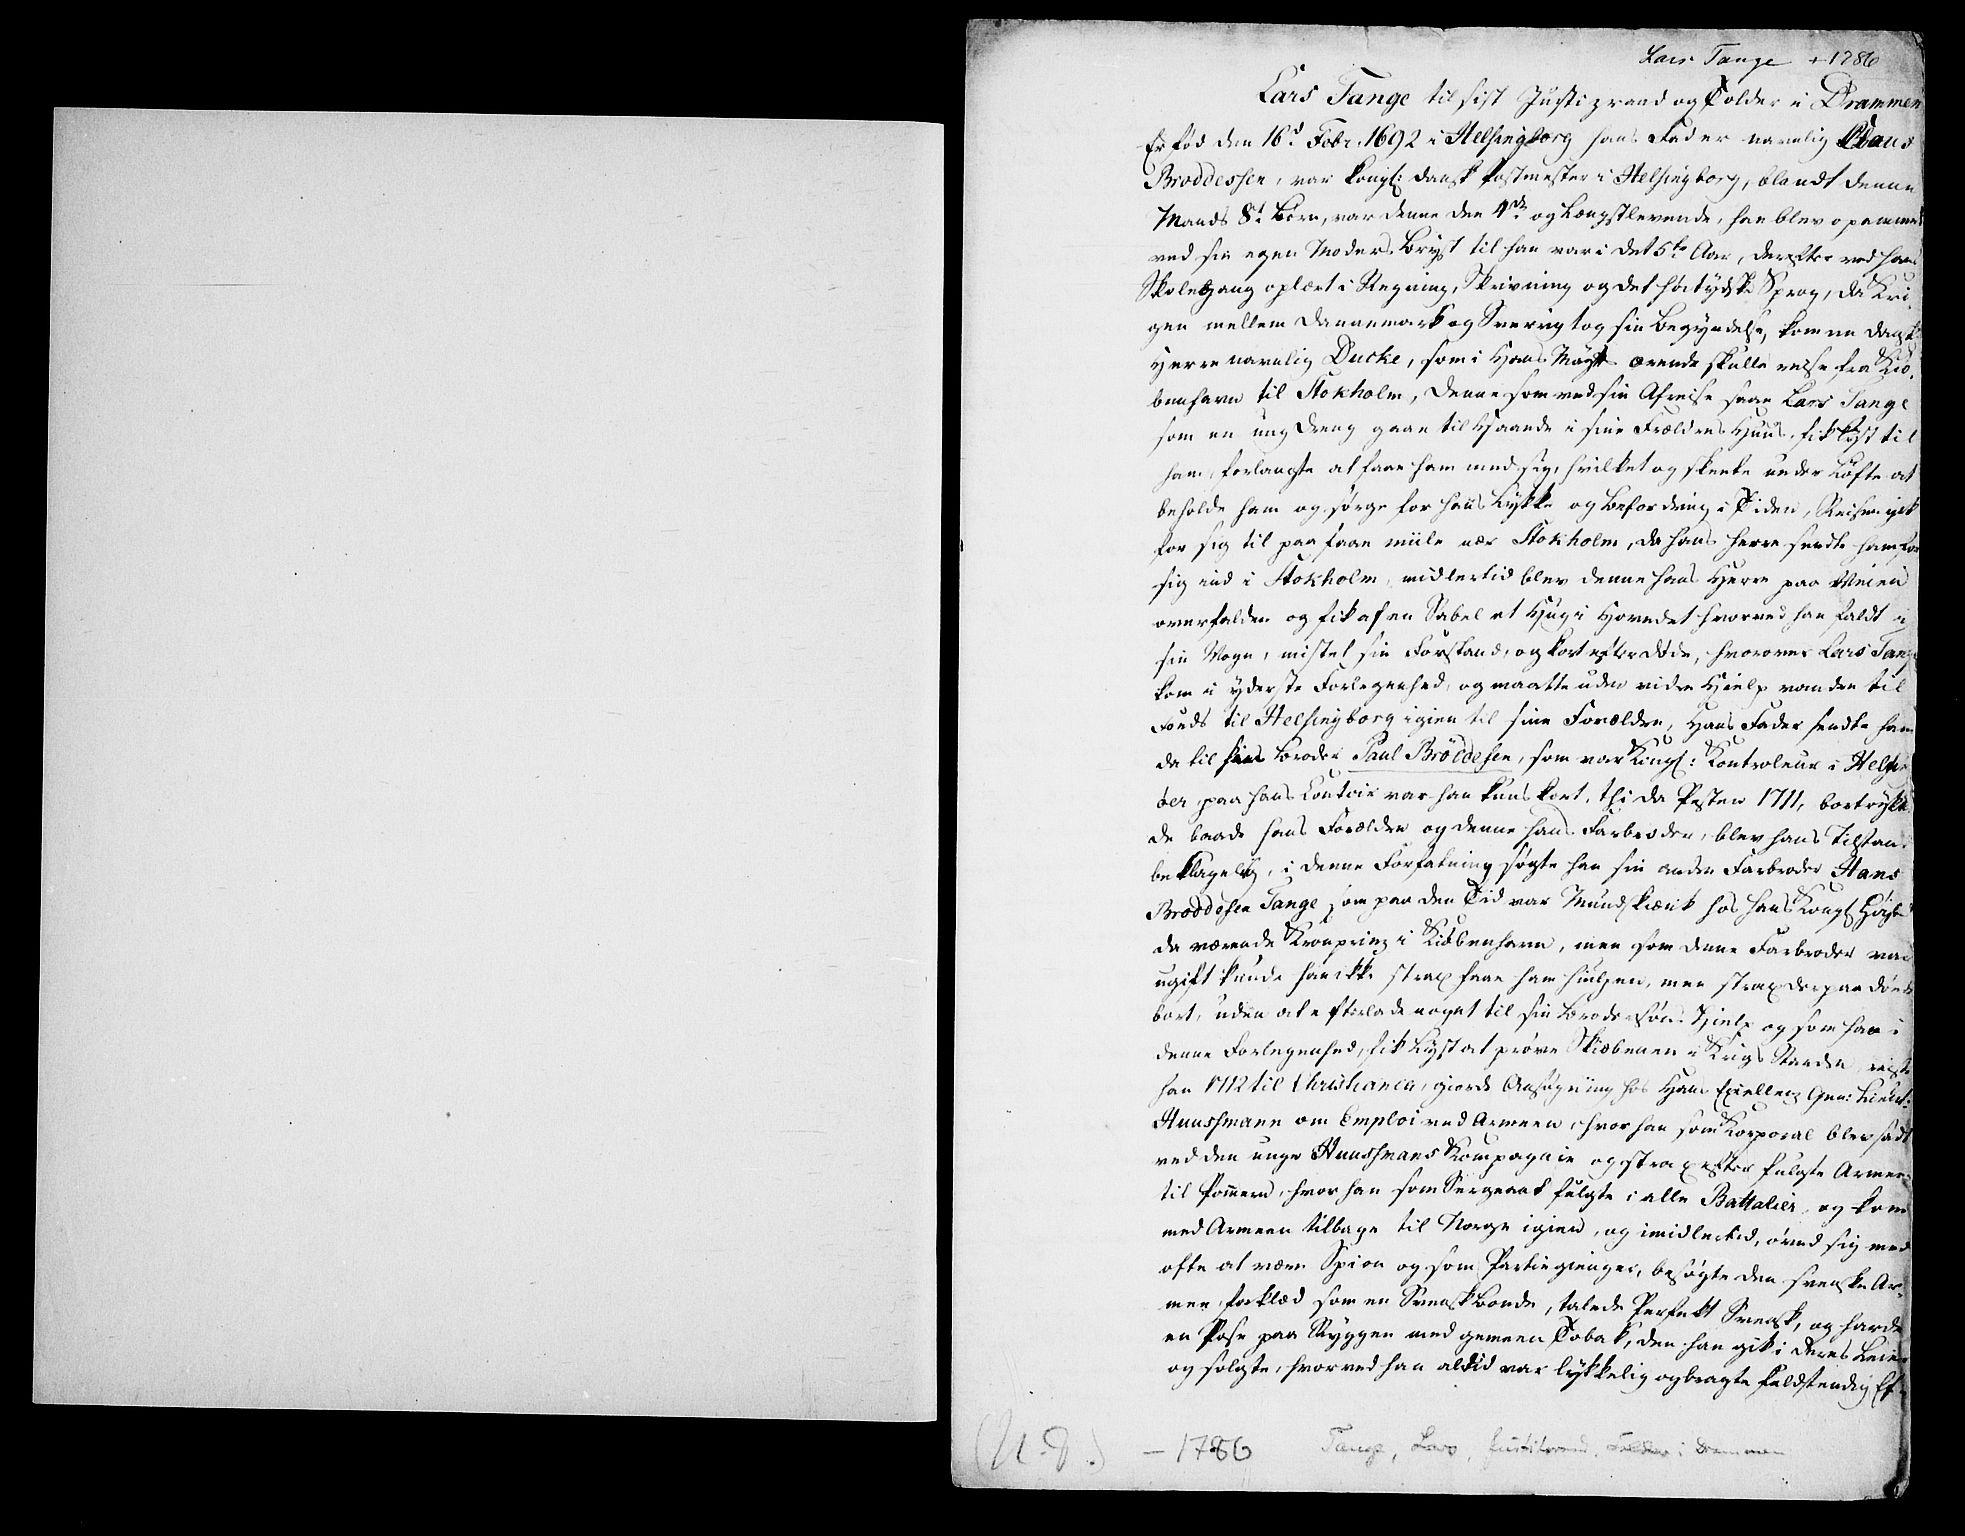 RA, Danske Kanselli, Skapsaker, G/L0019: Tillegg til skapsakene, 1616-1753, s. 402